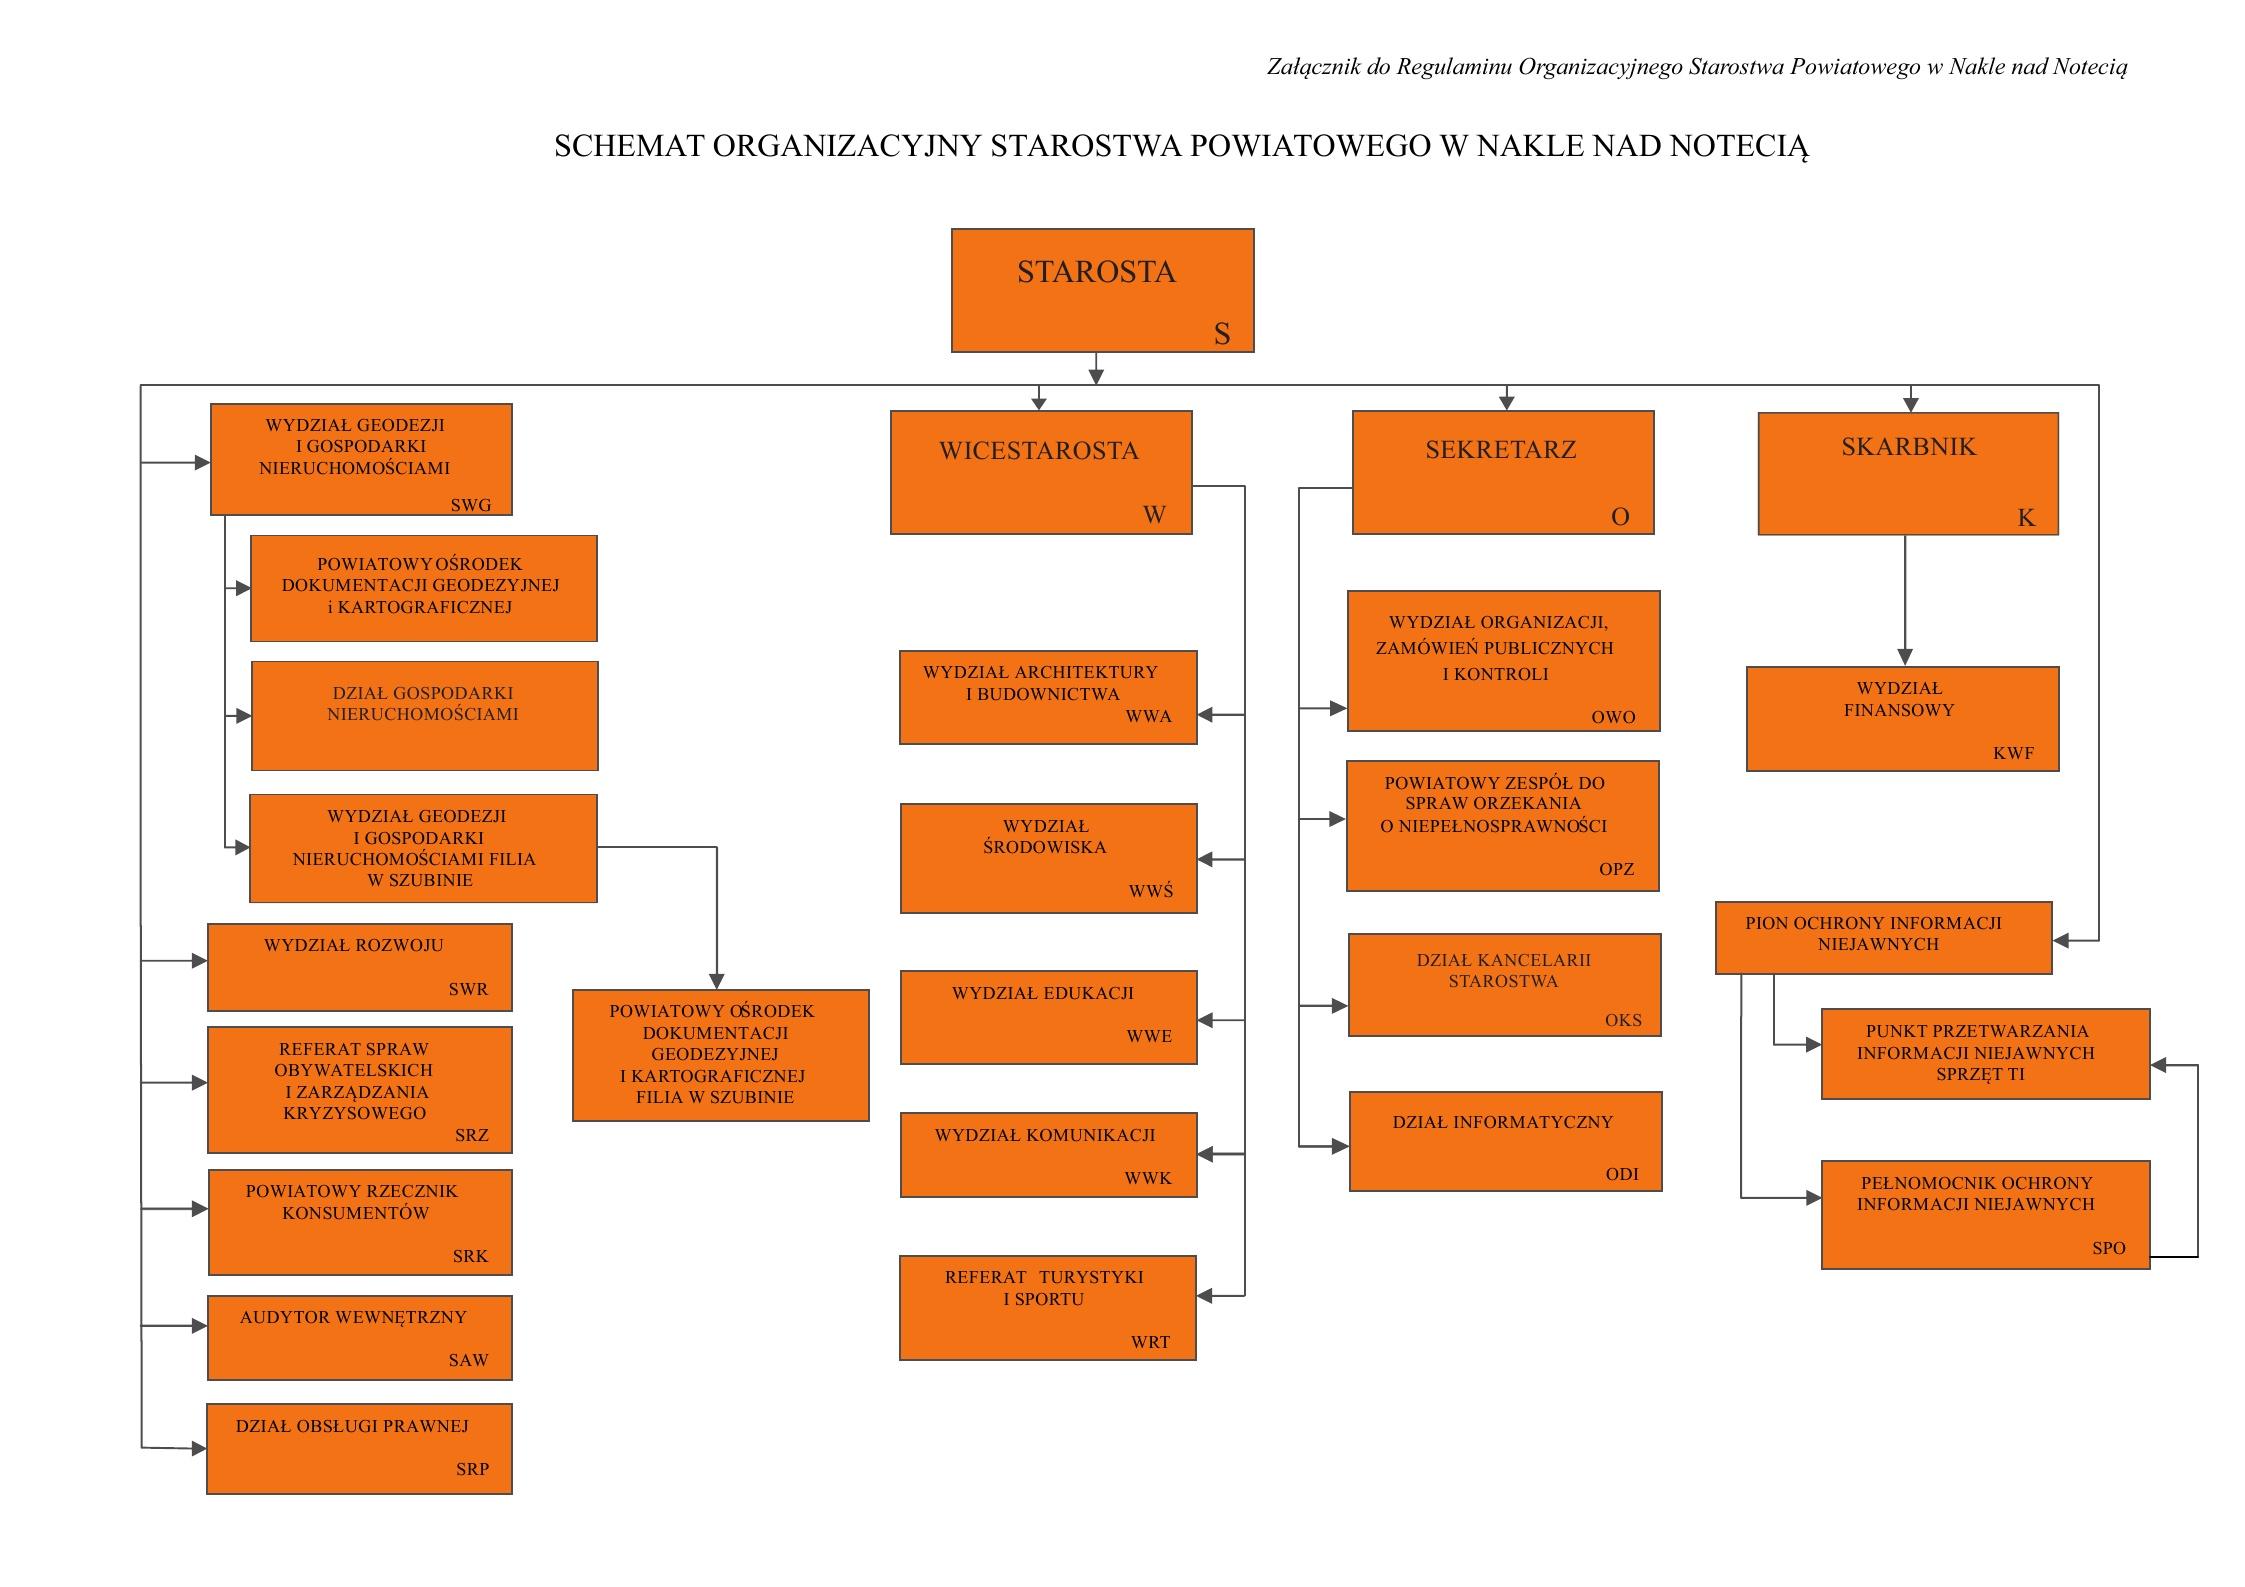 Ilustracja przedstawiające schemat organizacyjny starostwa powiatowego w Nakle (opis schematu poniżej)